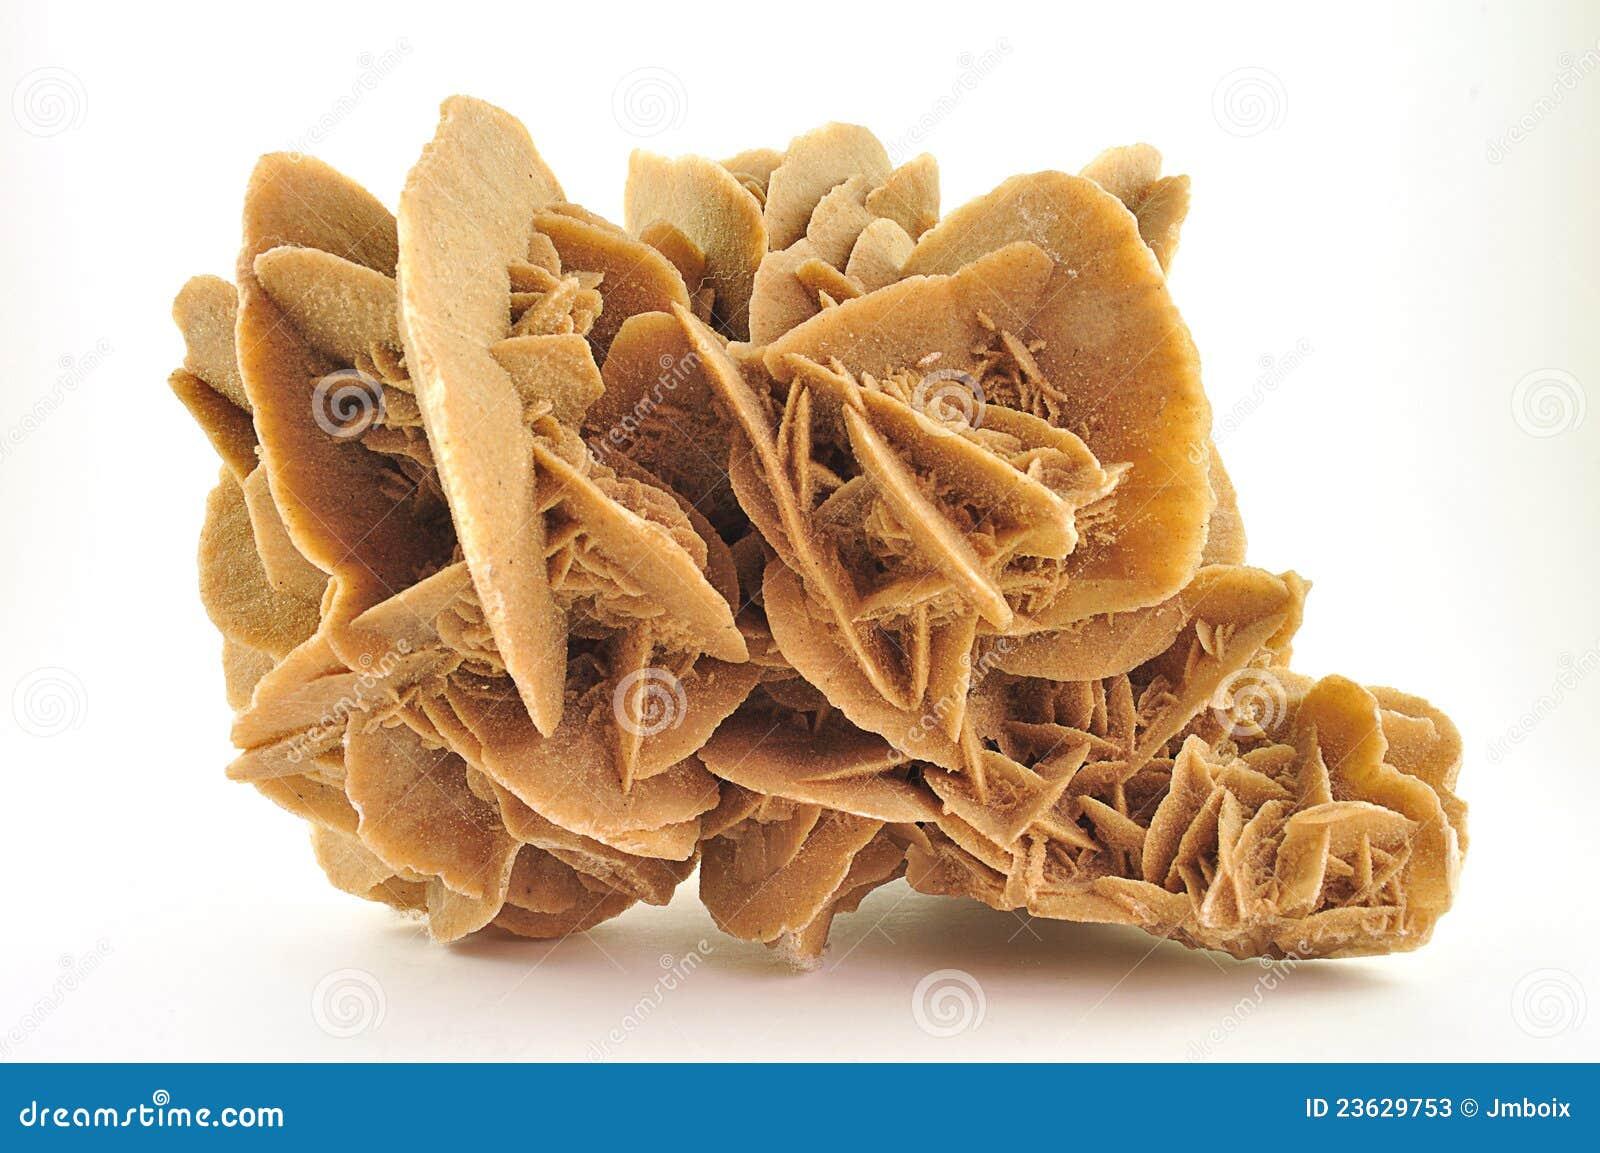 desert rose stock photos image 23629753. Black Bedroom Furniture Sets. Home Design Ideas